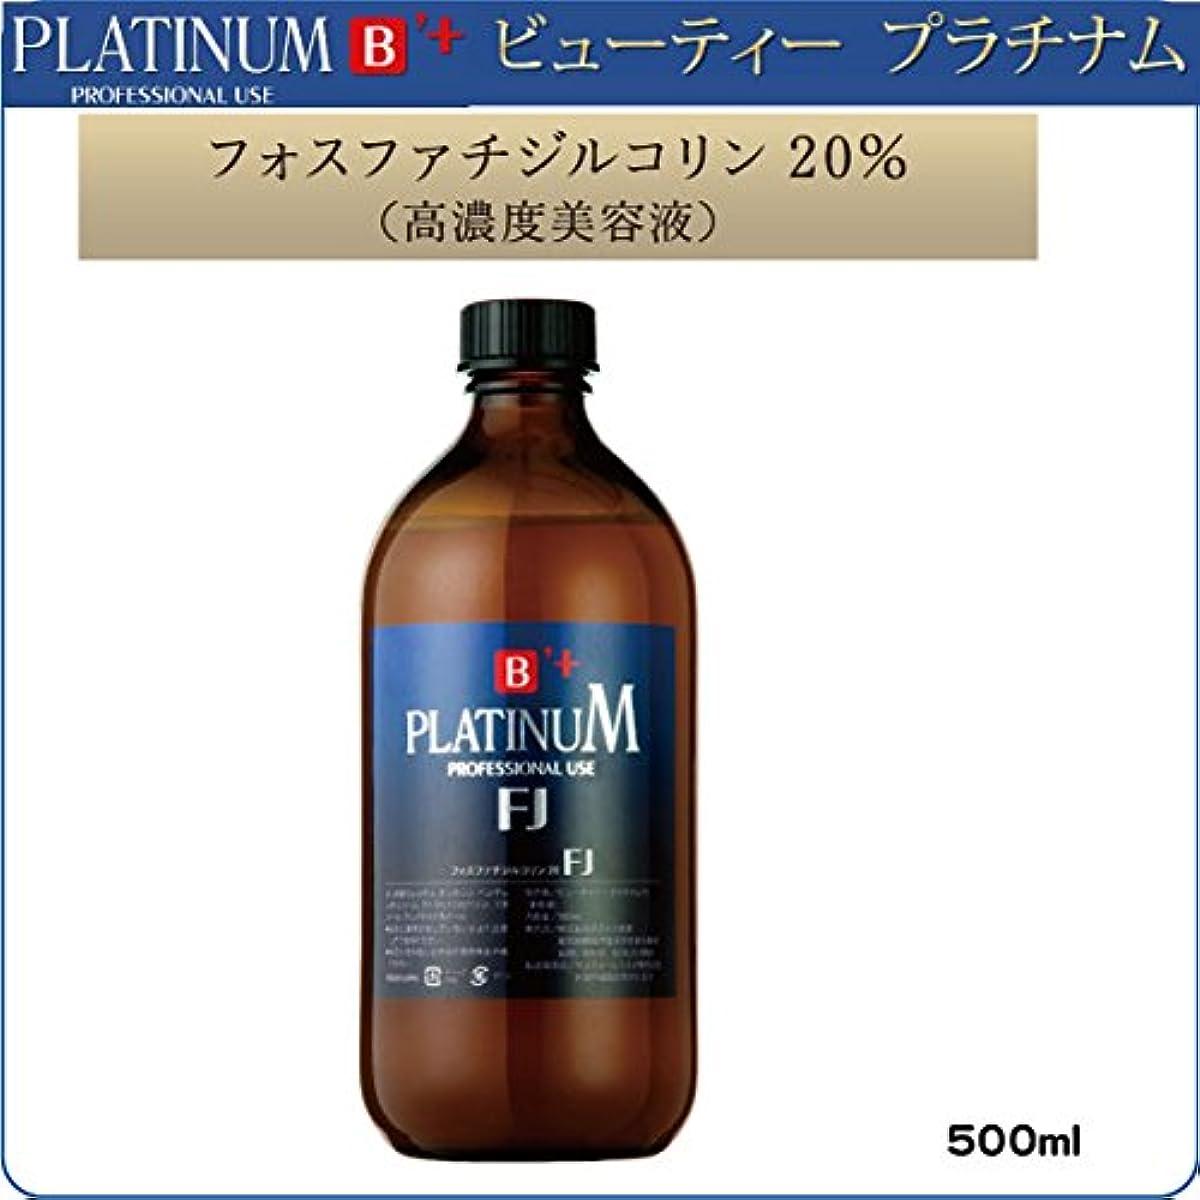 """後ろに去る滑る【ビューティー プラチナム】 PLATINUM B'+ """"フォスファチジルコリン20%高濃度美容液"""" 痩身専用:500ml"""